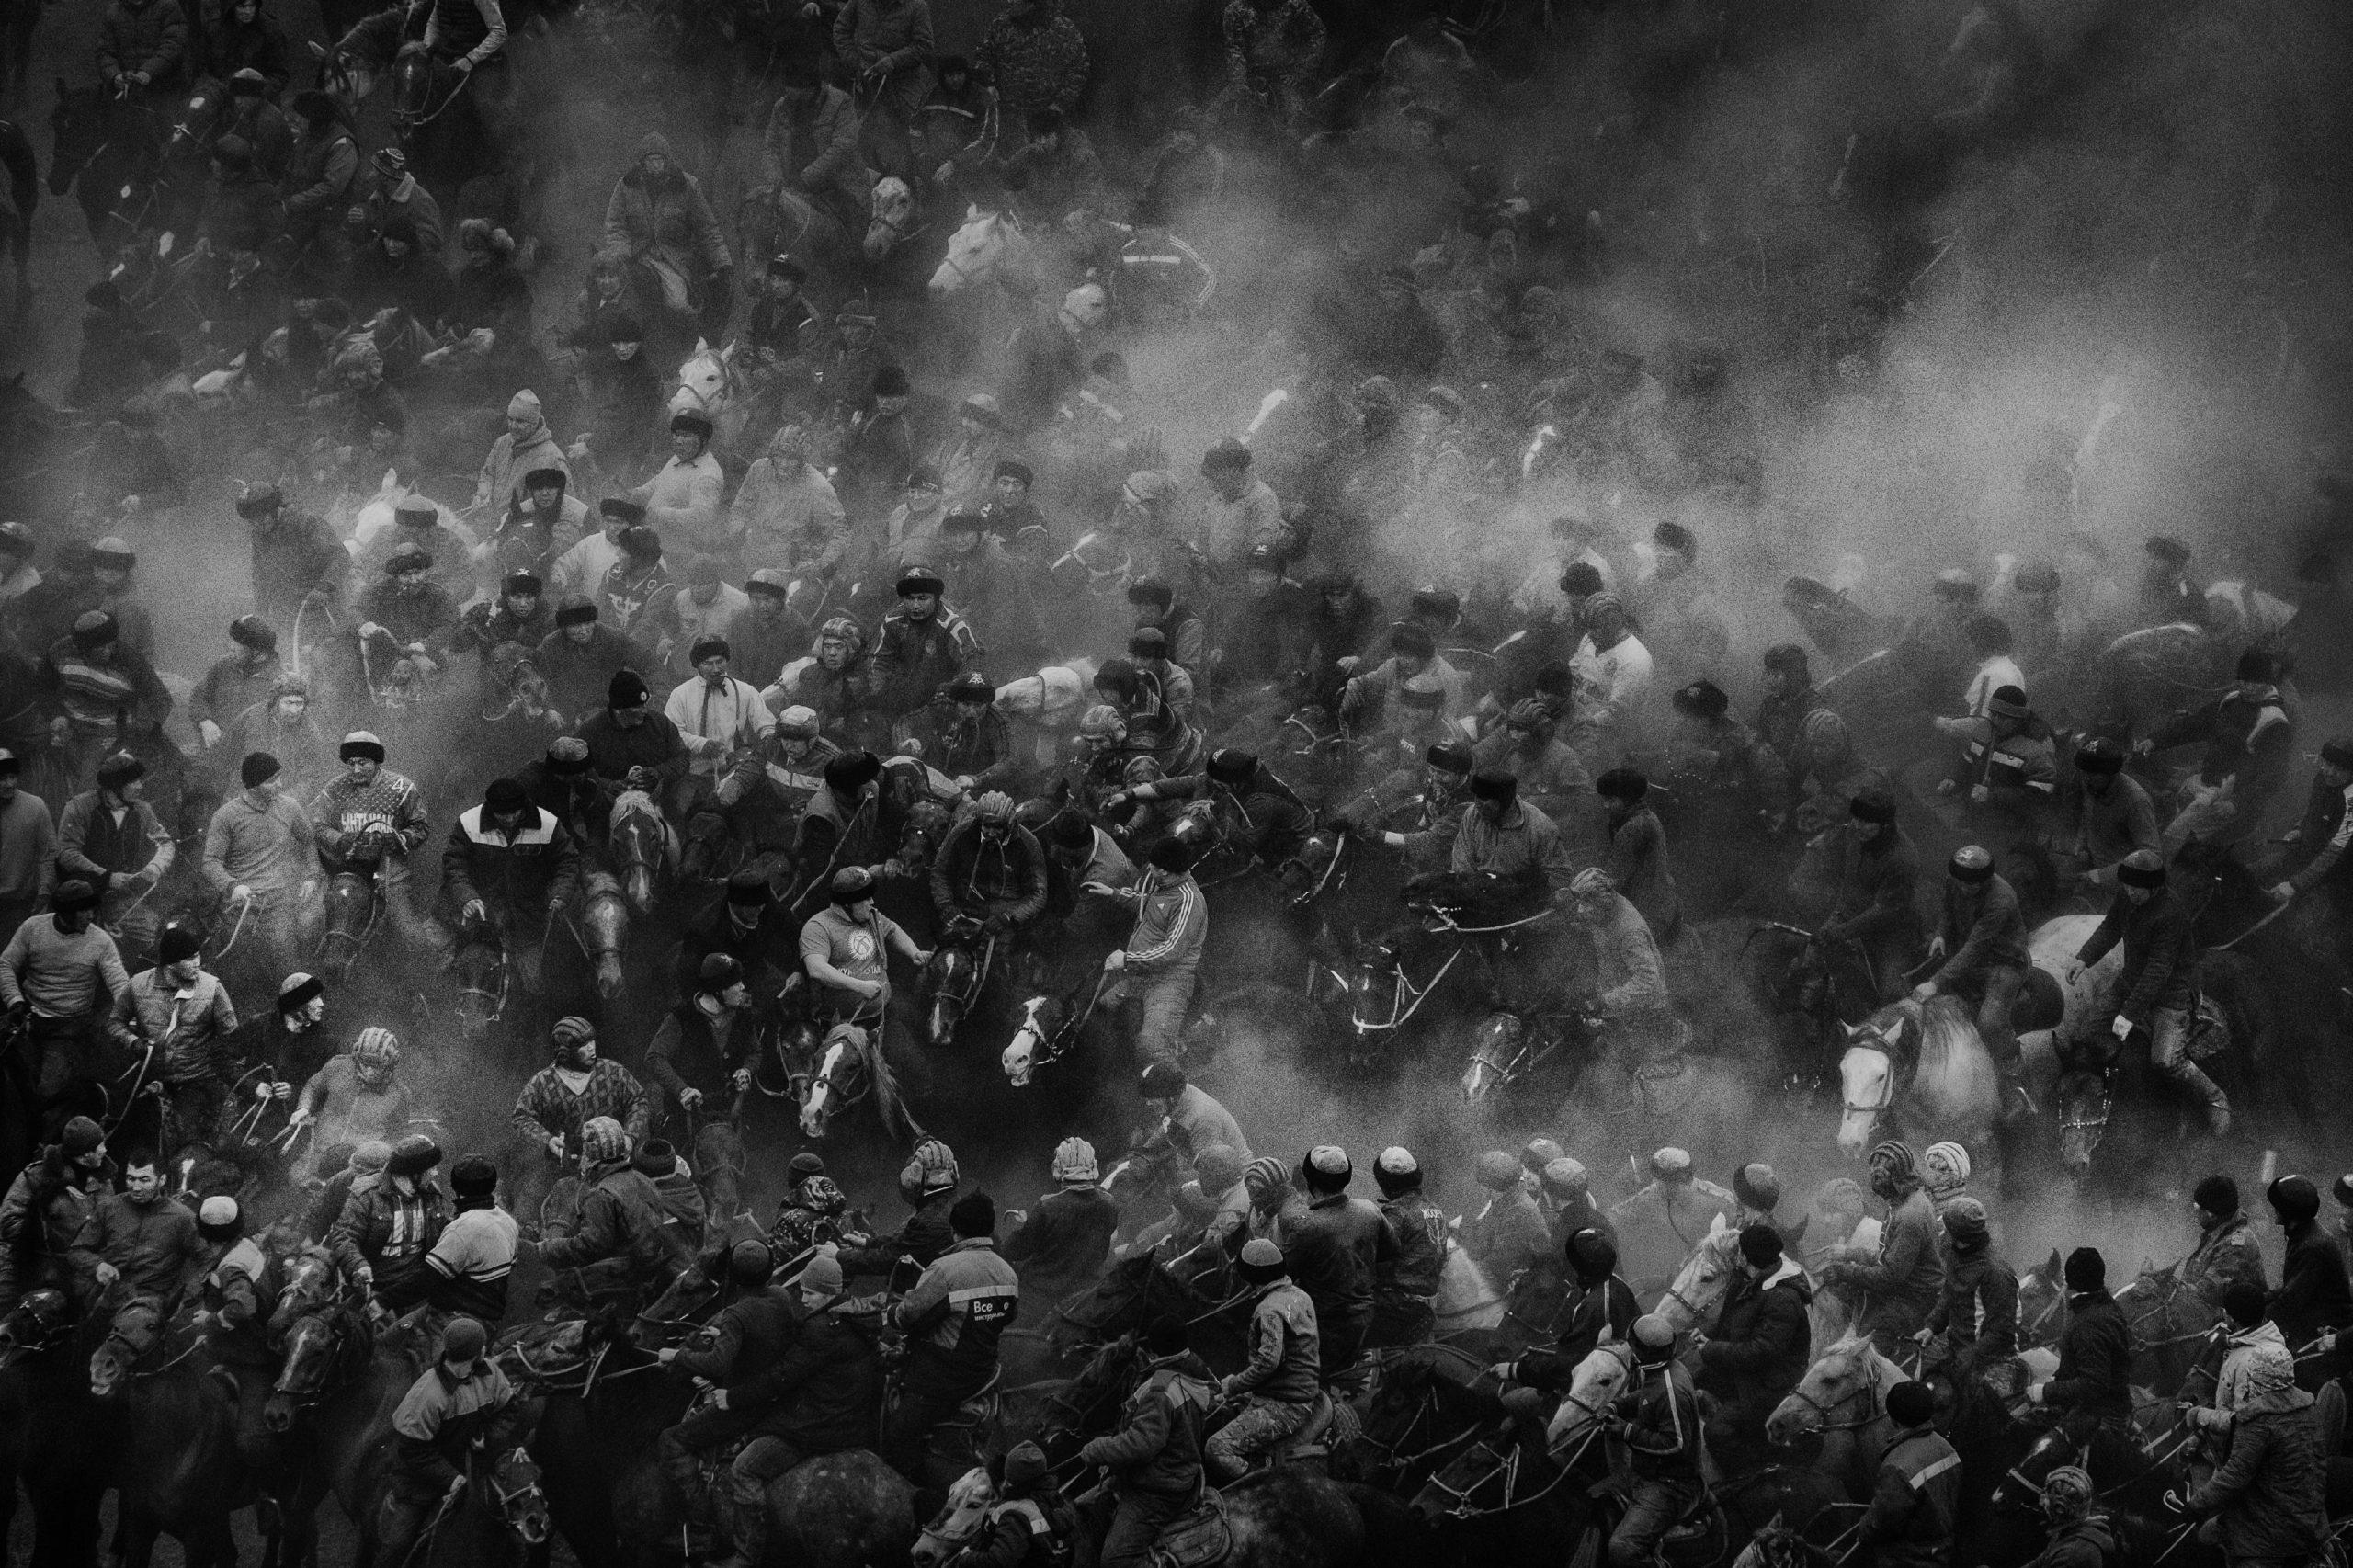 fotografia in bianco e nero di Alain Schroeder scattata Nel villaggio di Uzgen, Kirghizistan, dove più di 170 cavalli e uomini giocano a Kok Boru.